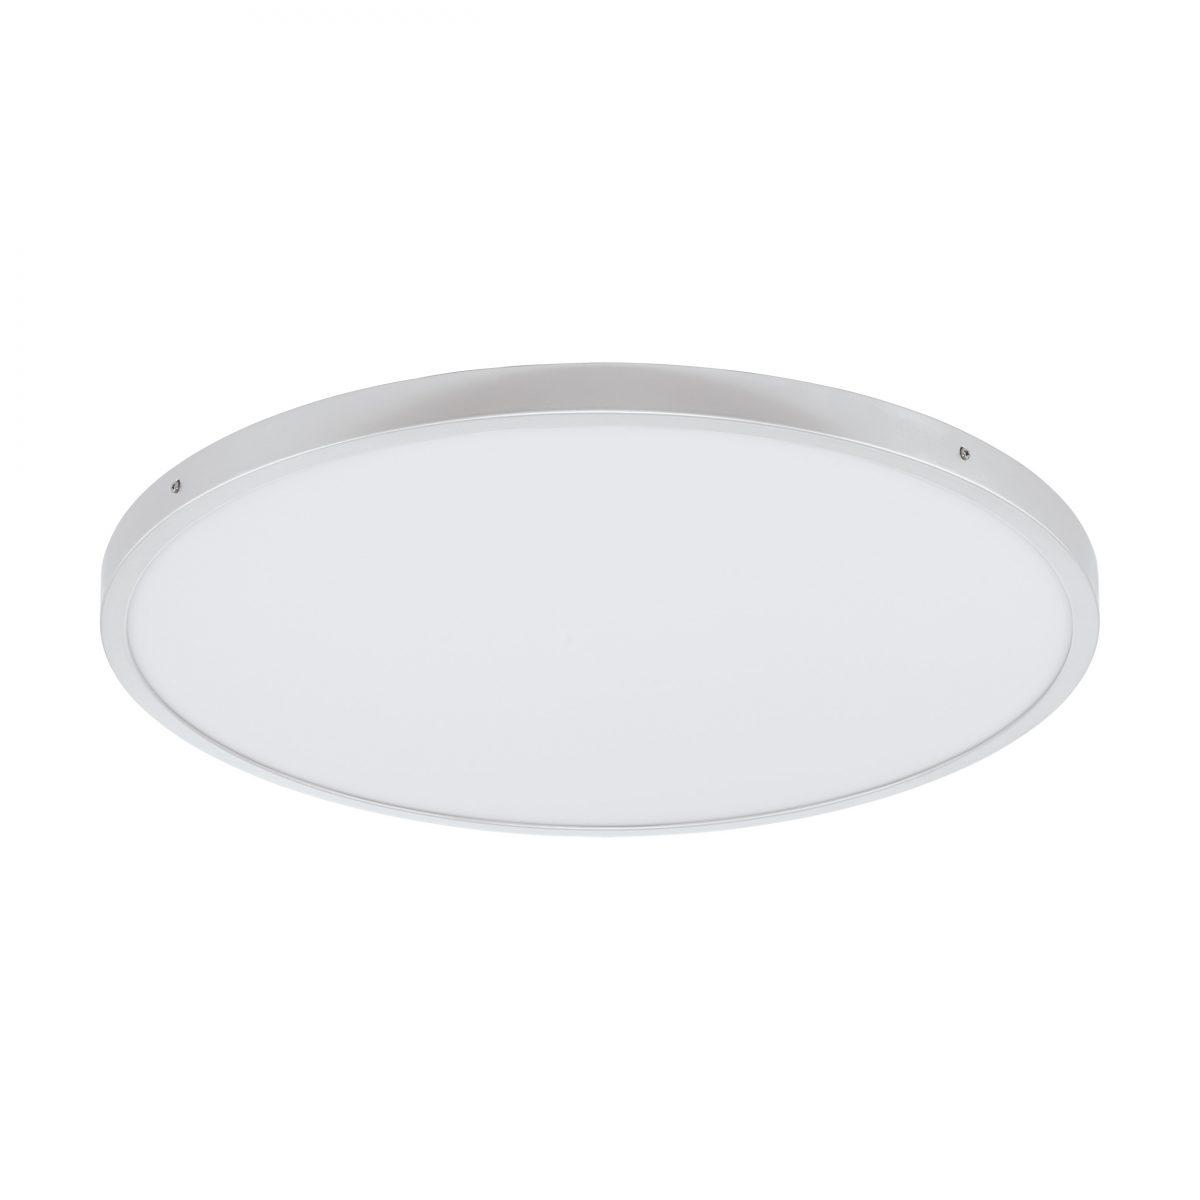 Светильник настенно-потолочный FUEVA 1 EGLO 97552 - Фото №28